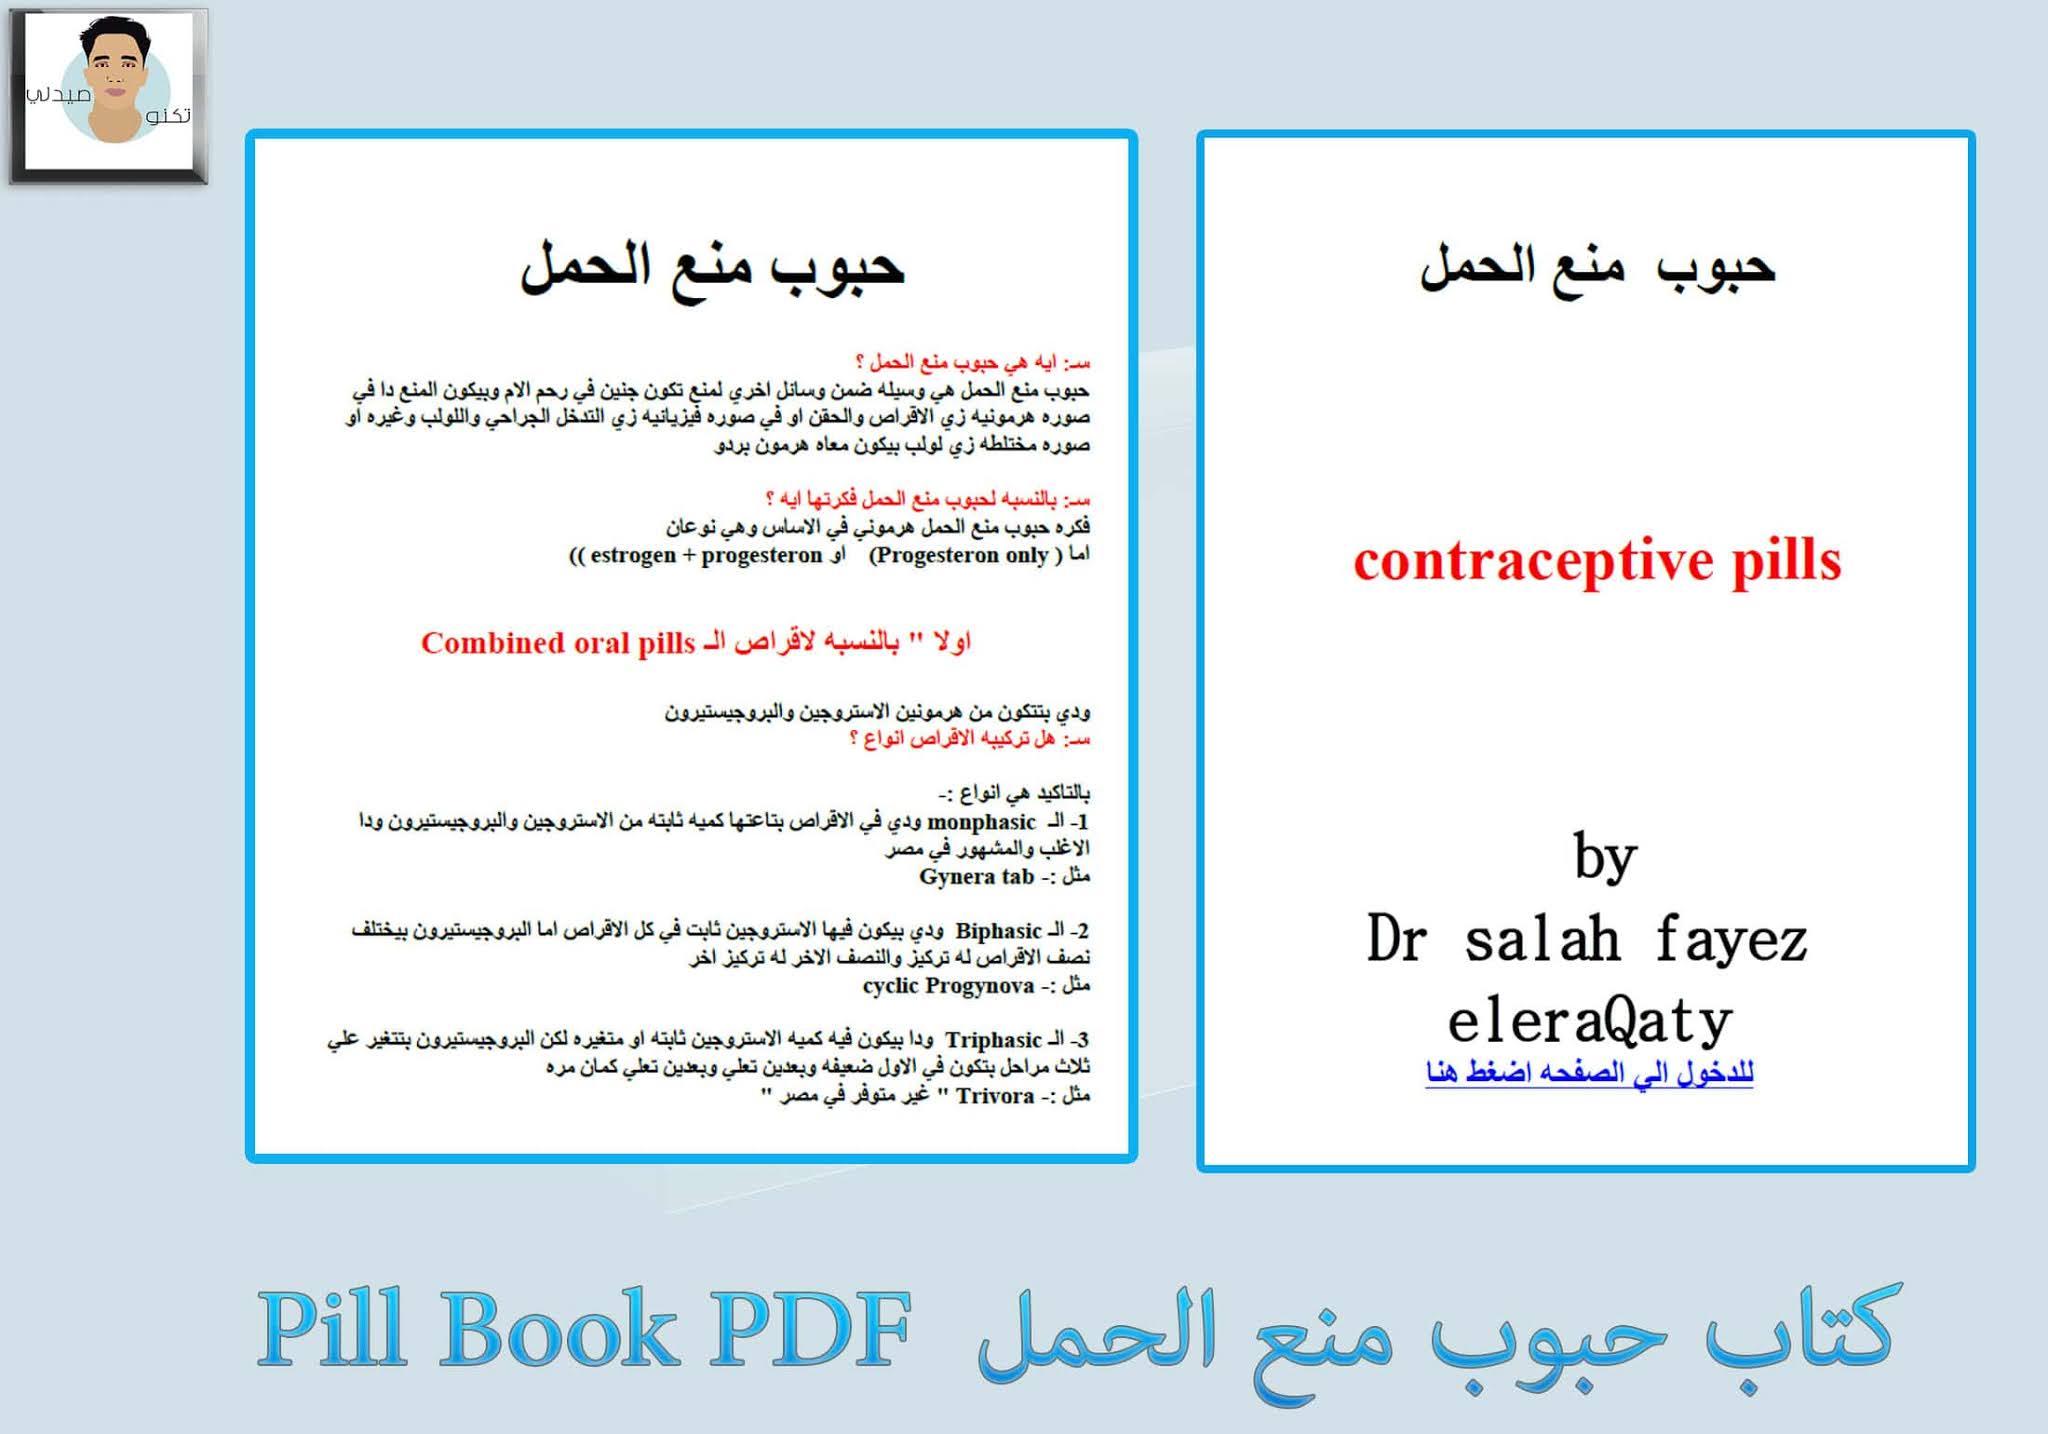 كتاب حبوب منع الحمل  Pill Book PDF